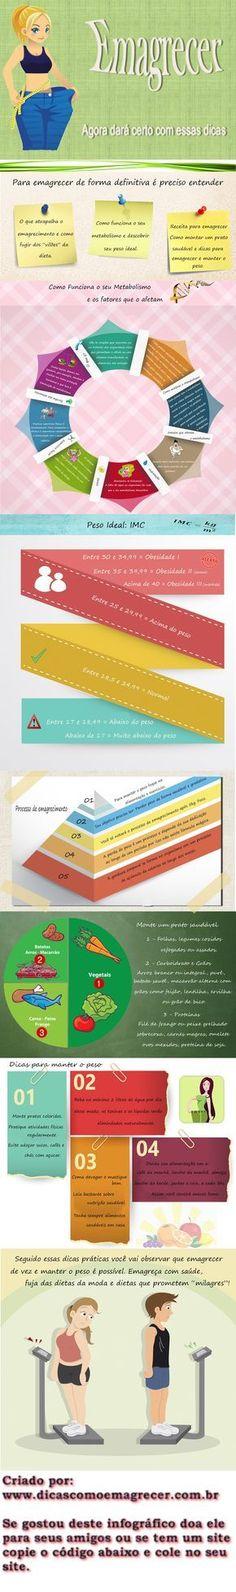 Veja passo a passo como emagrecer através dessas dicas elaboradas na forma de infográfico. É legal e fácil de aprender. Você será capaz de emagrecer mesmo.